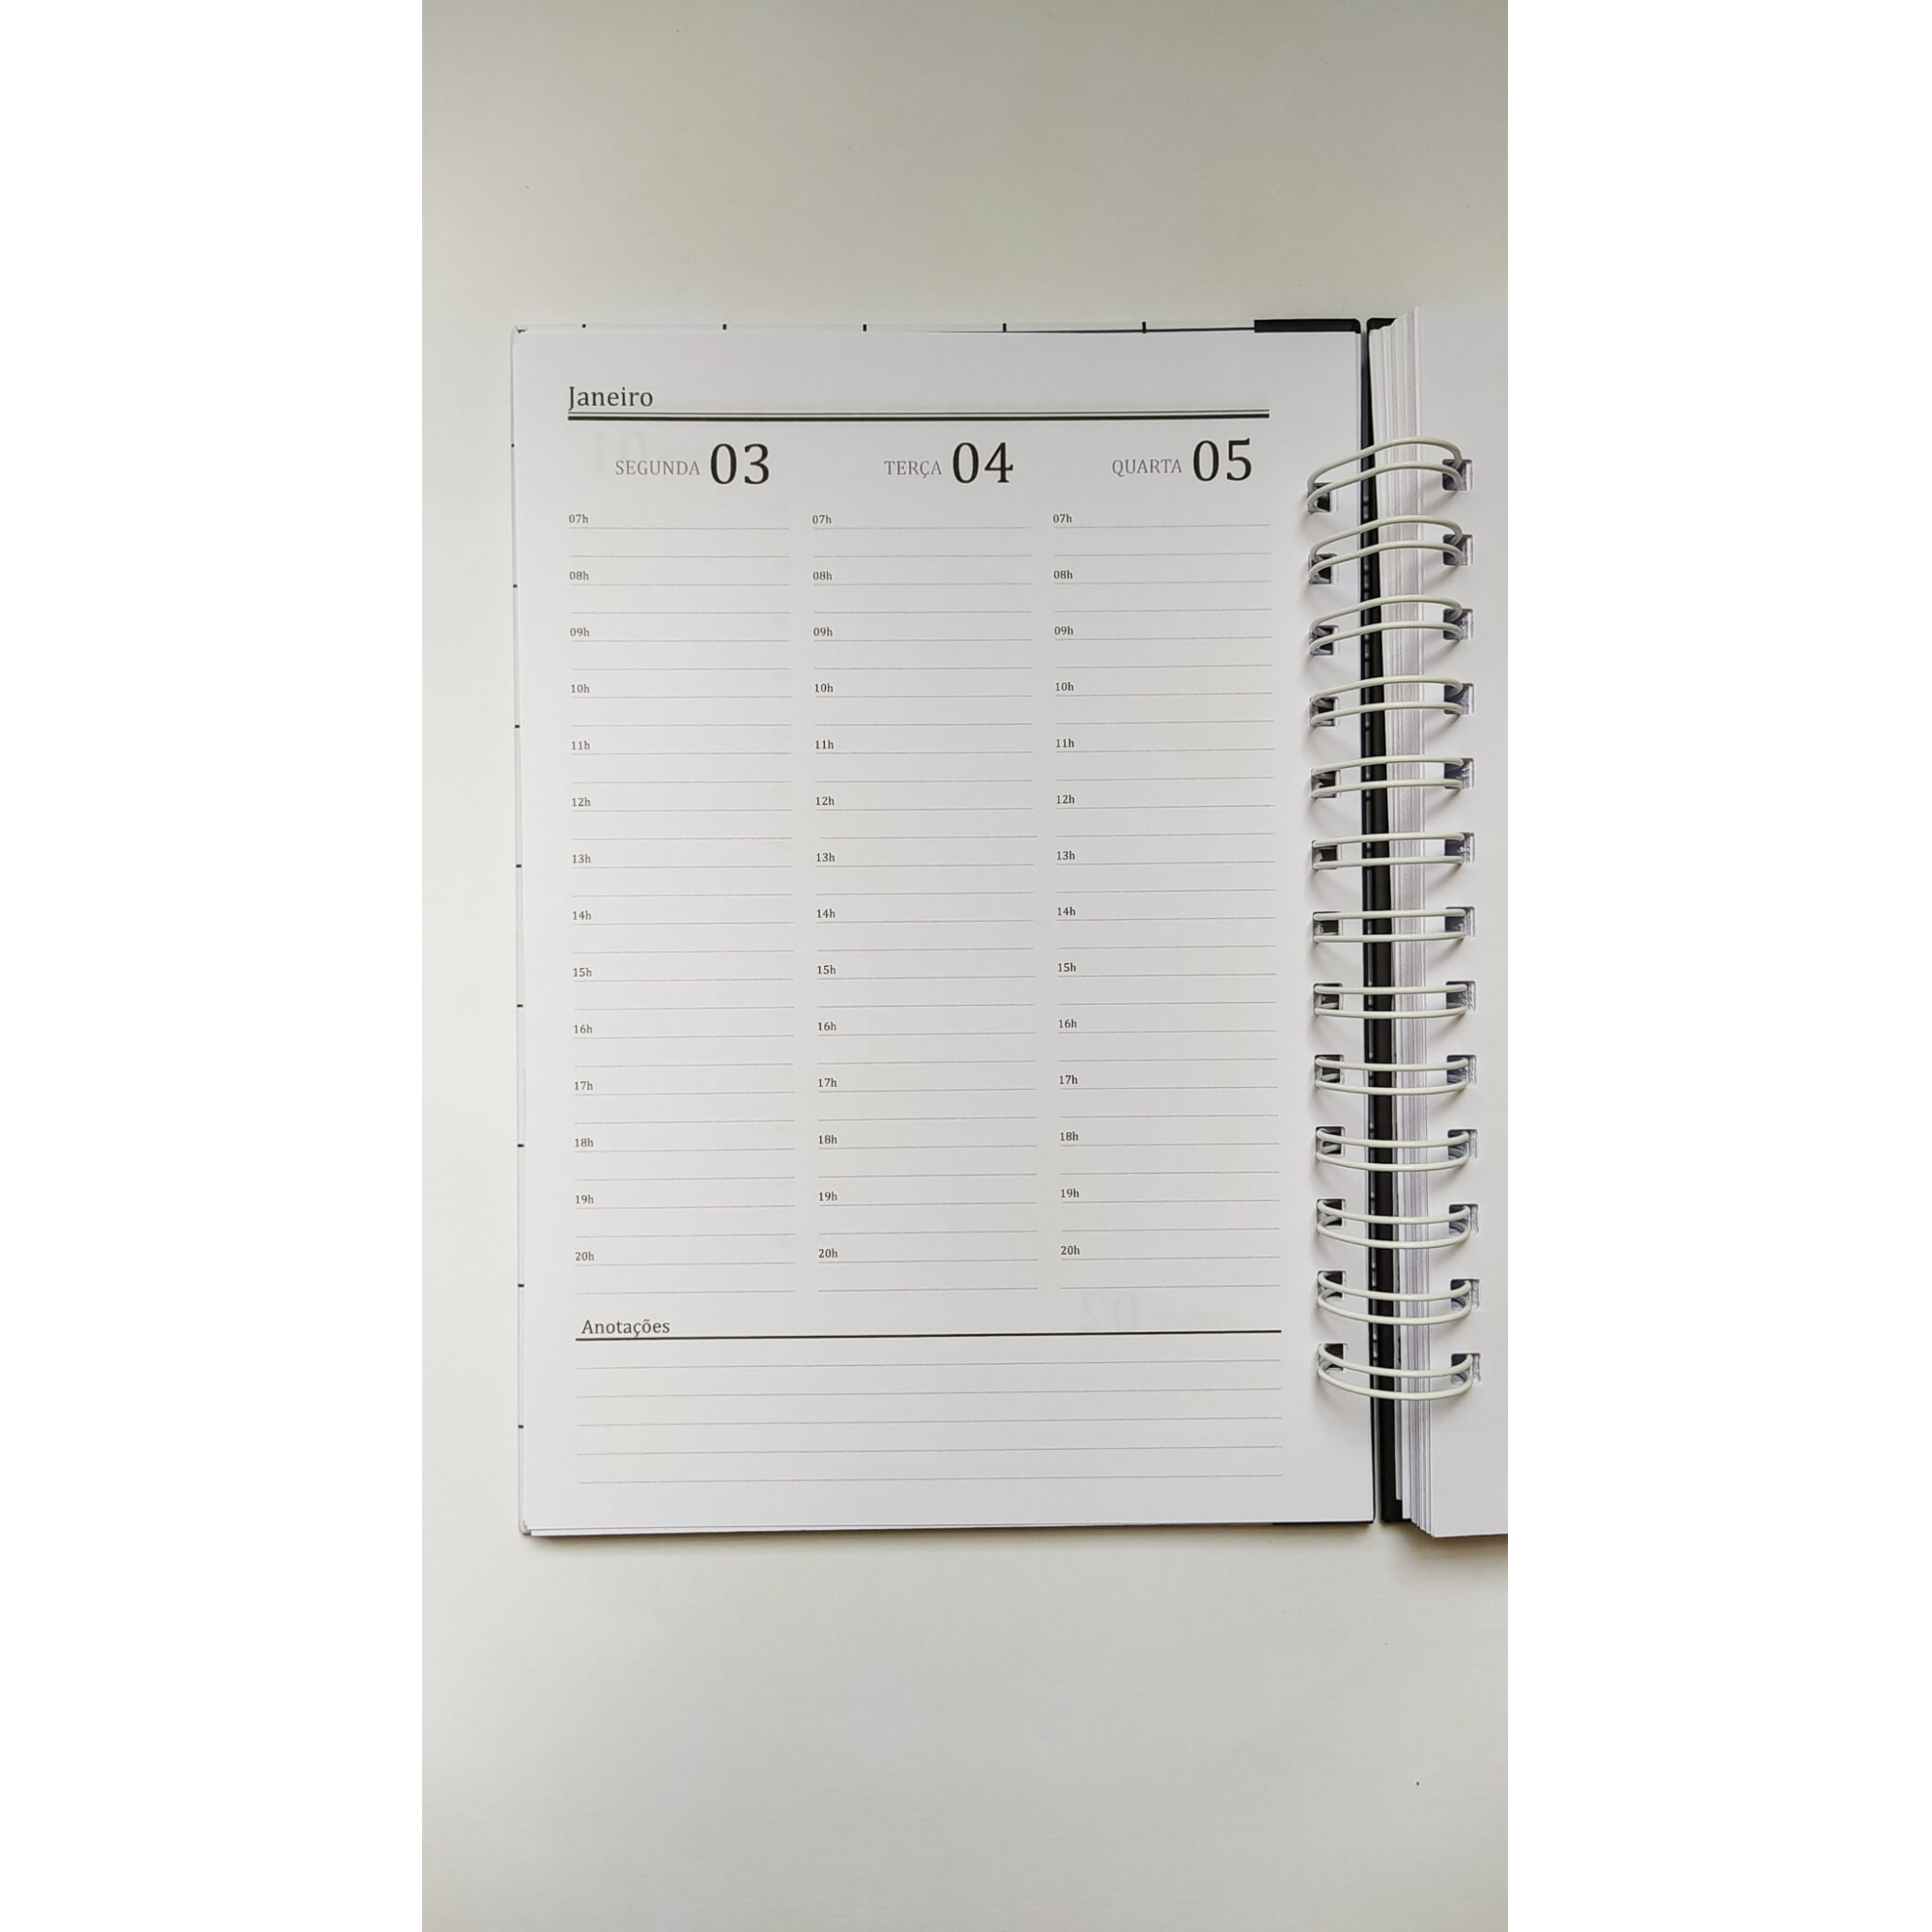 Agenda Office 2022 - Coleção Profissões